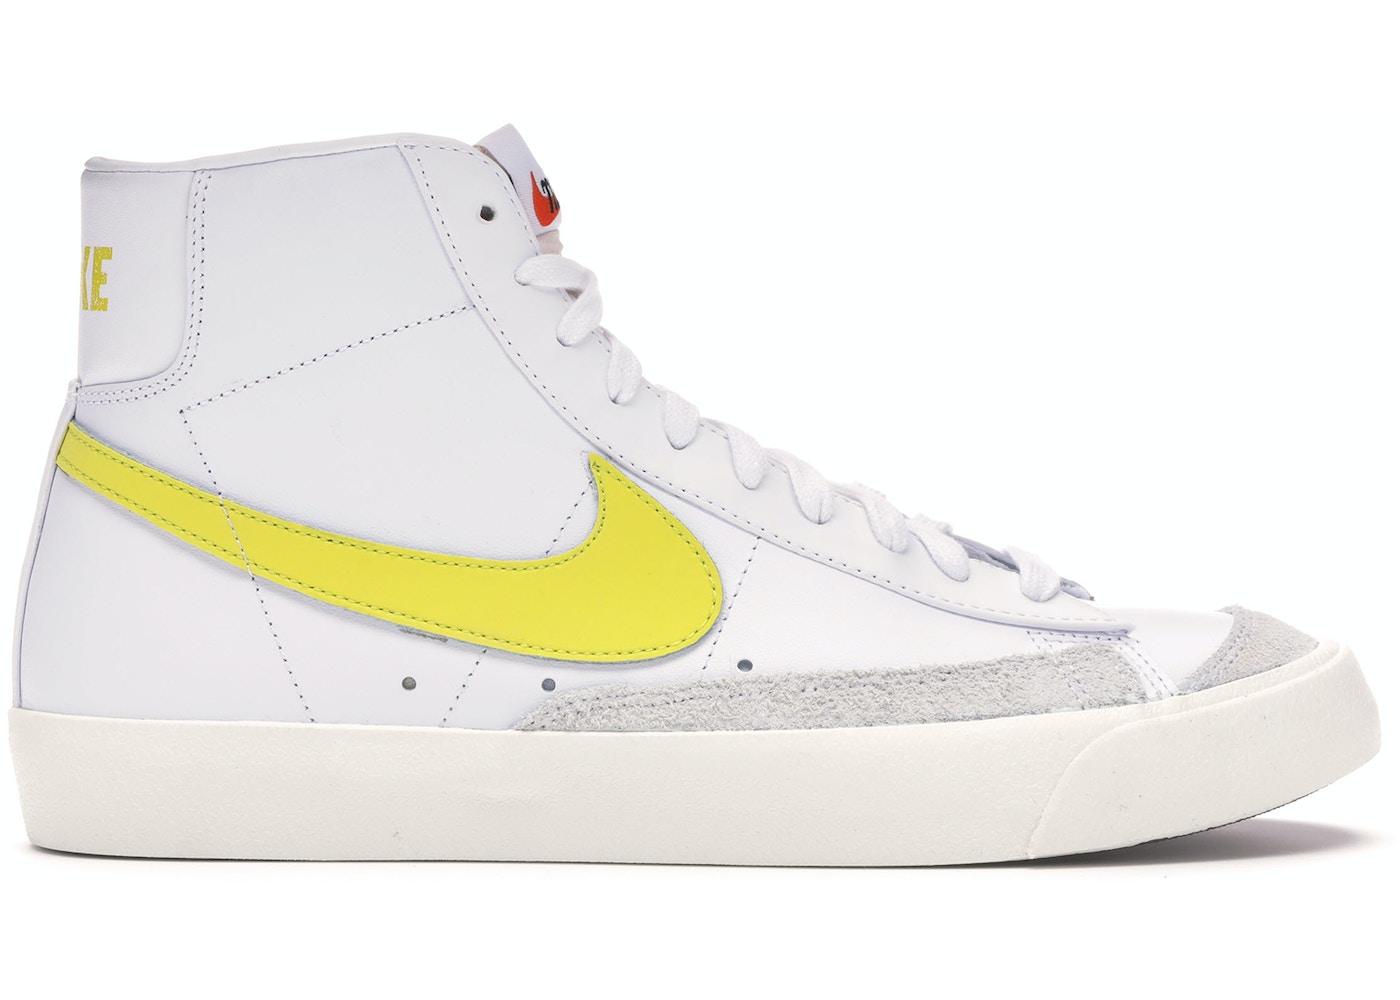 empezar Autorización para justificar  Nike Blazer Mid 77 Vintage Optic Yellow - BQ6806-101